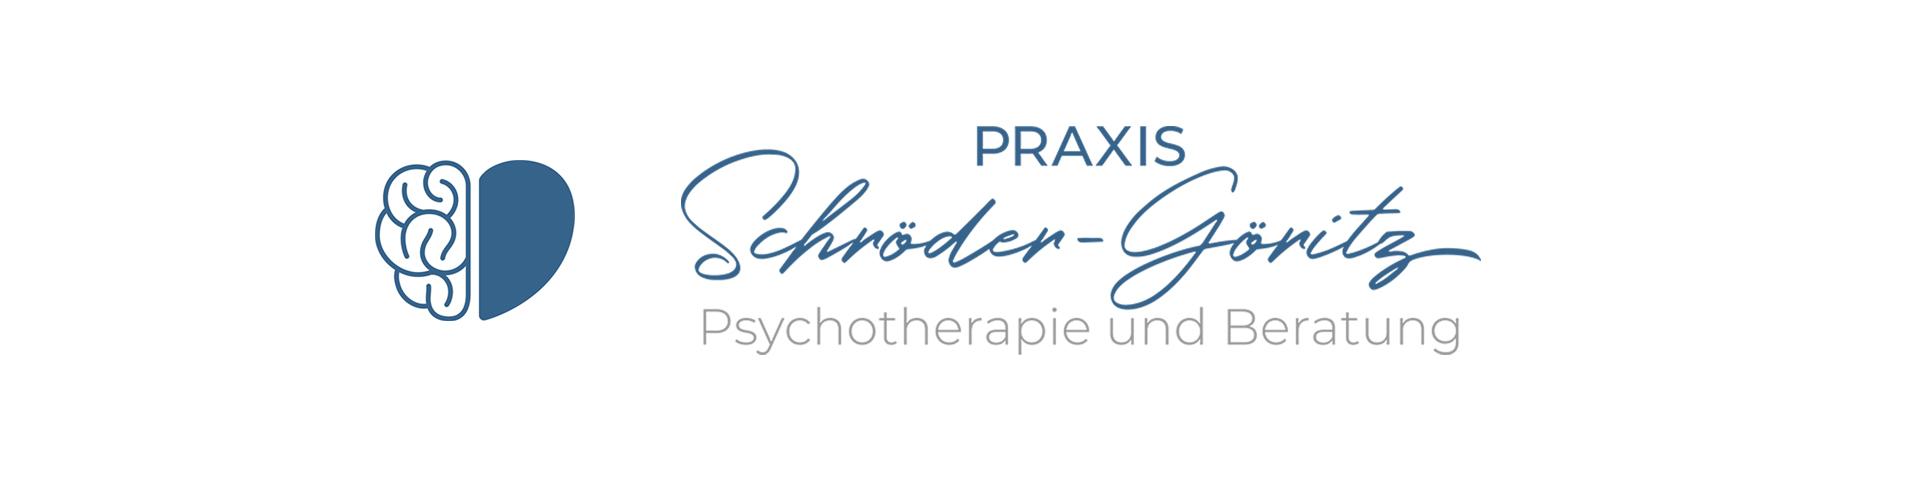 Psychotherapie, Coaching & Psychologische Beratung